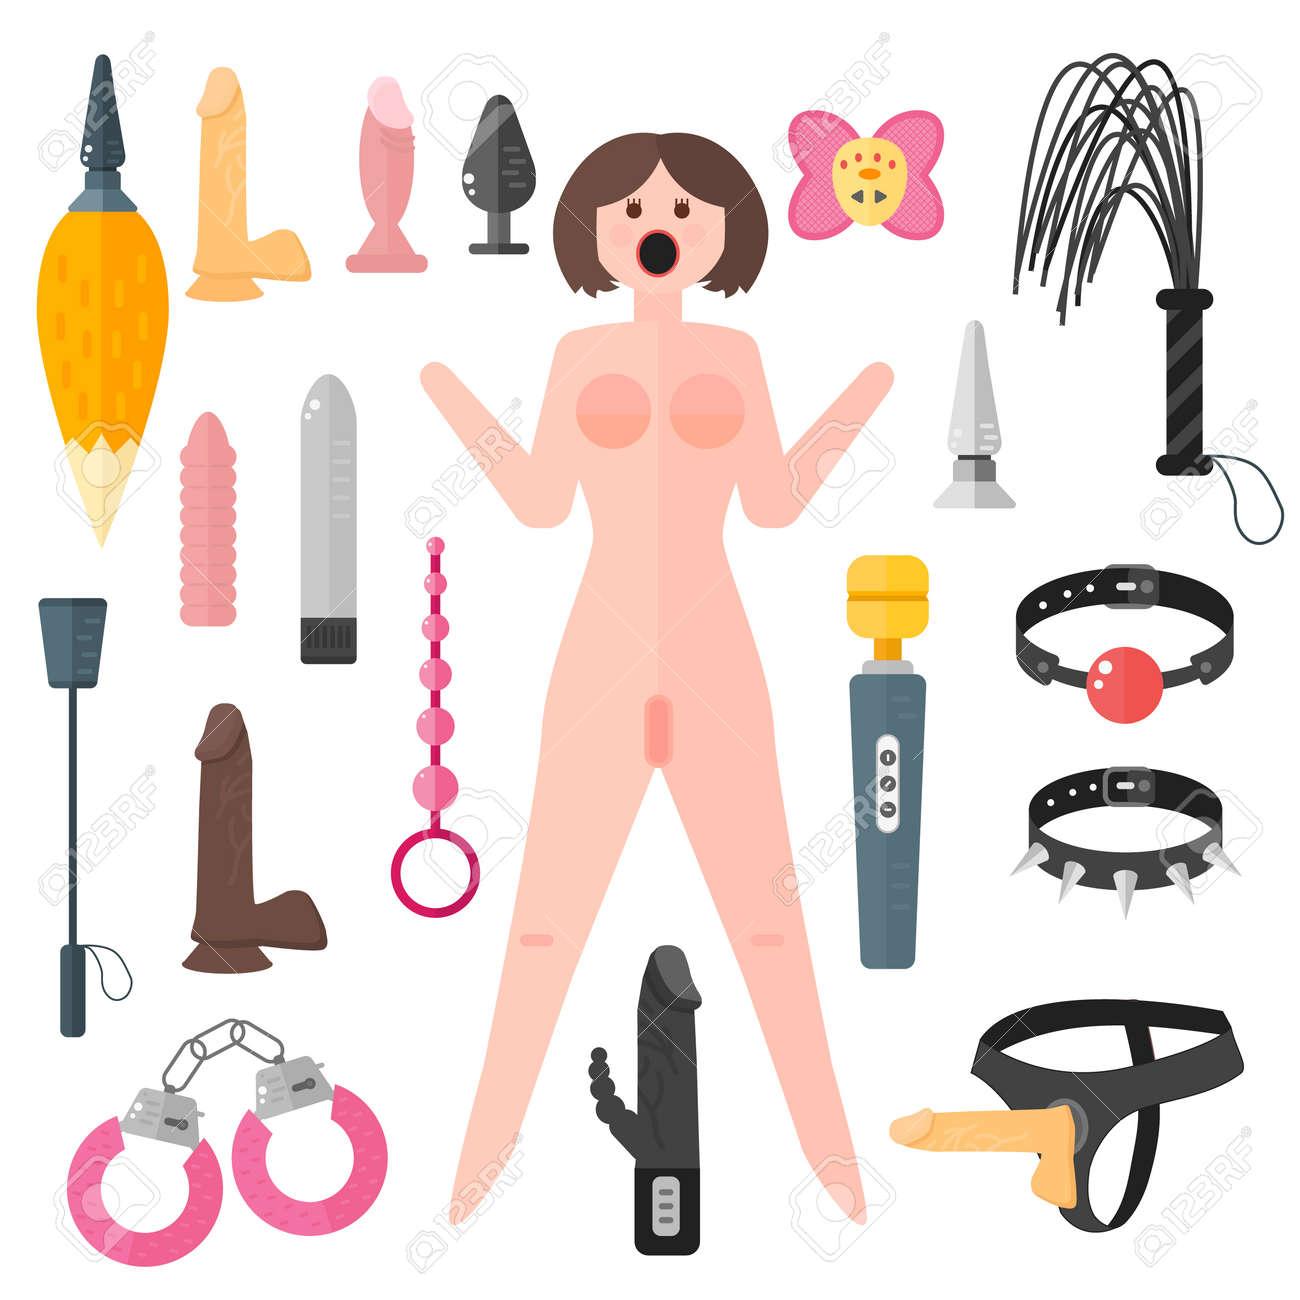 大人のおもちゃエロ愛し性人形オナニー ゴム手錠性おもちゃ感情ツール性人形失恋関係友人大人のセックストイシルエット ベクトル人形パシオンの性別します